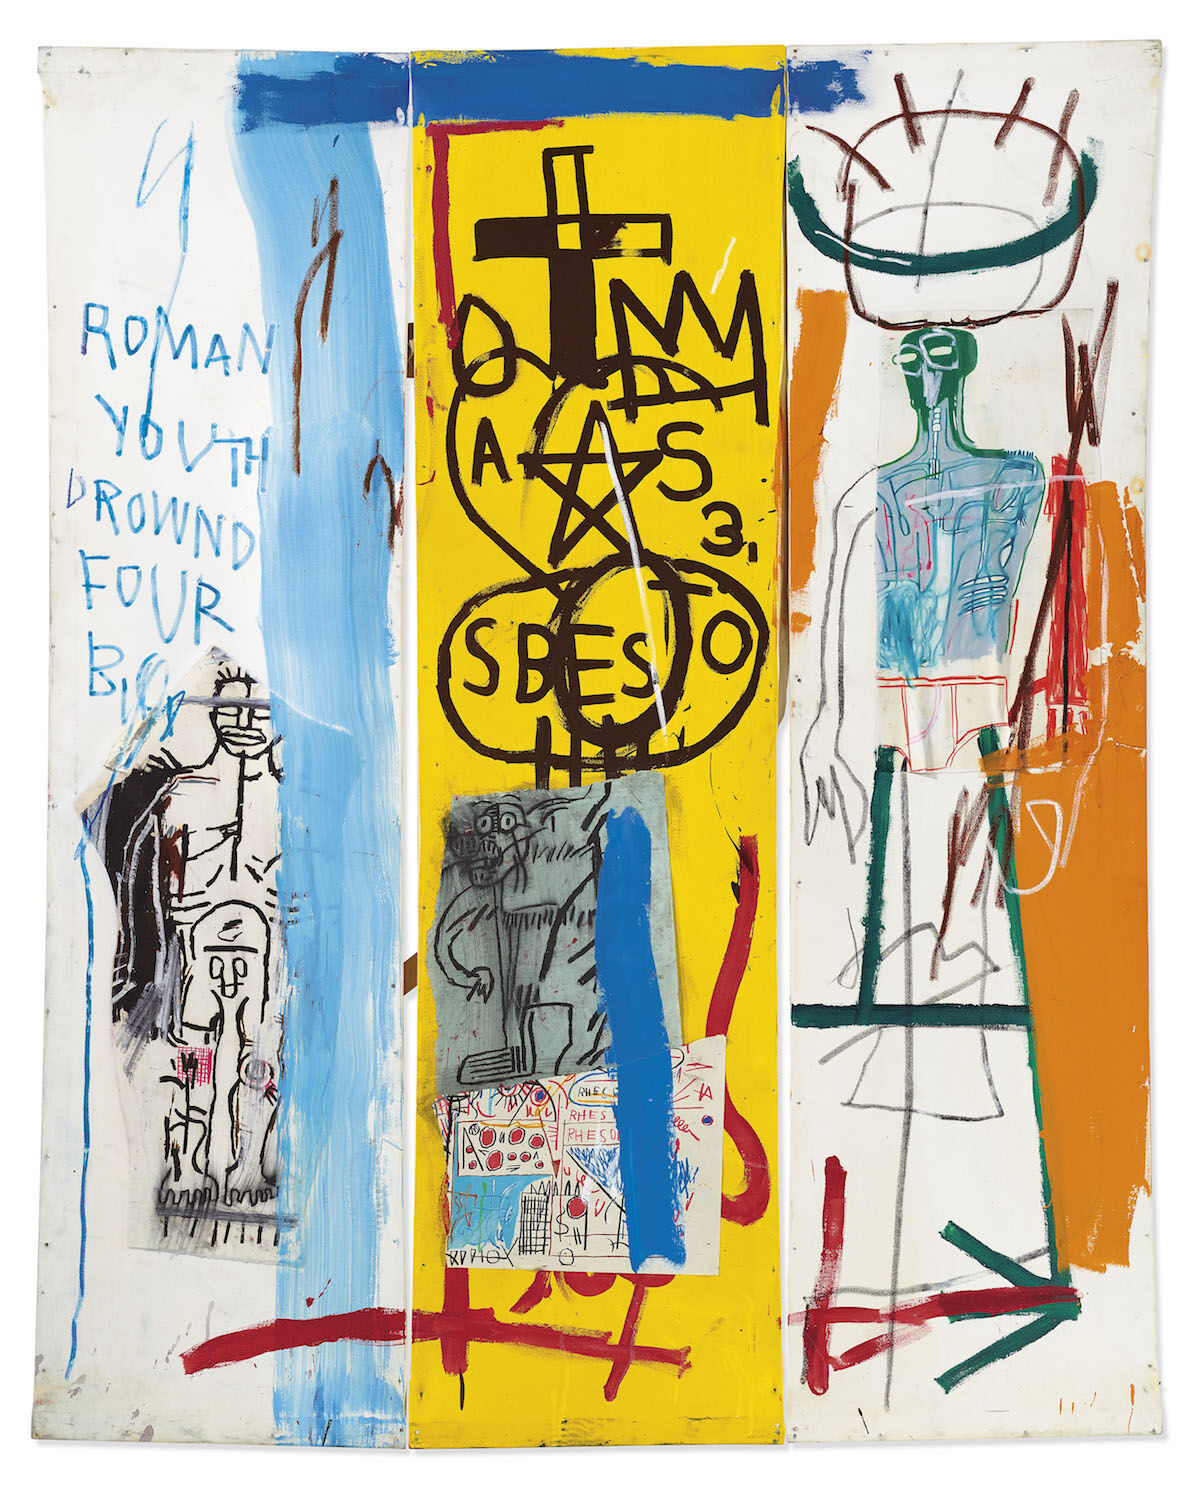 Jean-Michel Basquiat, Four Big, 1982. Est. £7.5 million–£9.5 million ($9.3 million–$11.8 million). Courtesy Christie's.